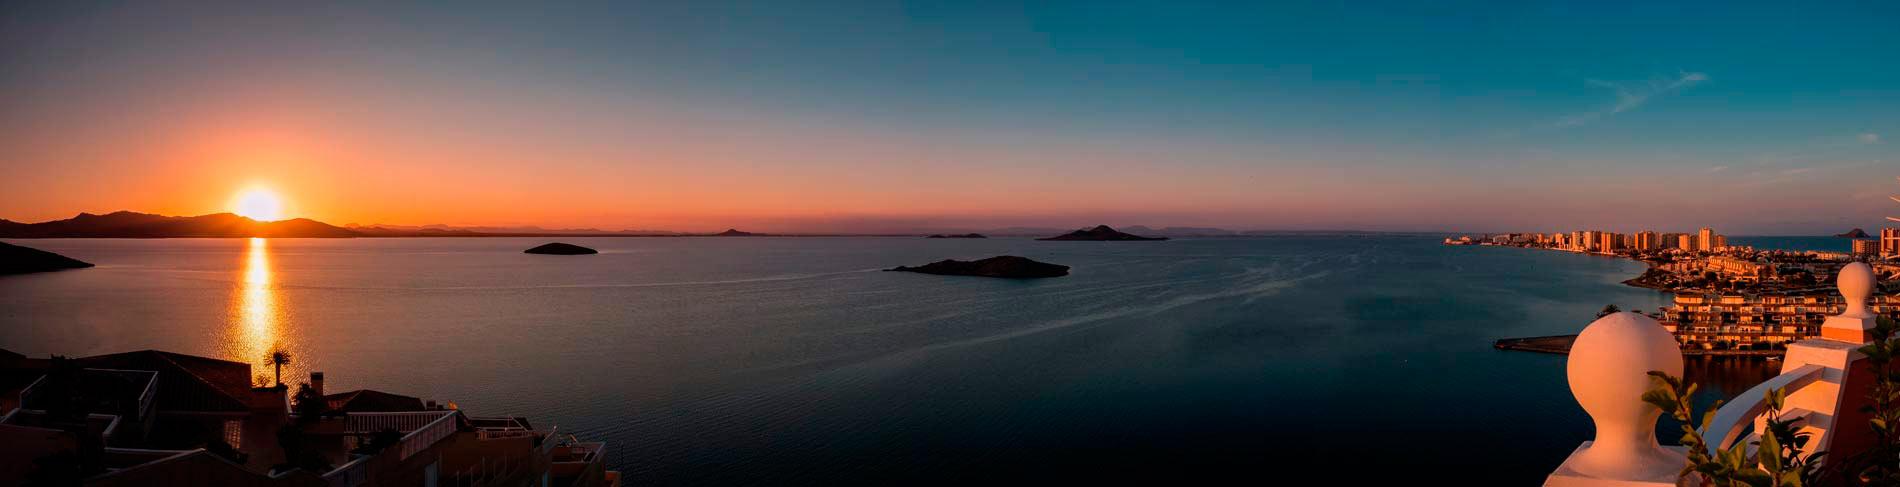 Mar Menor serie panoramica